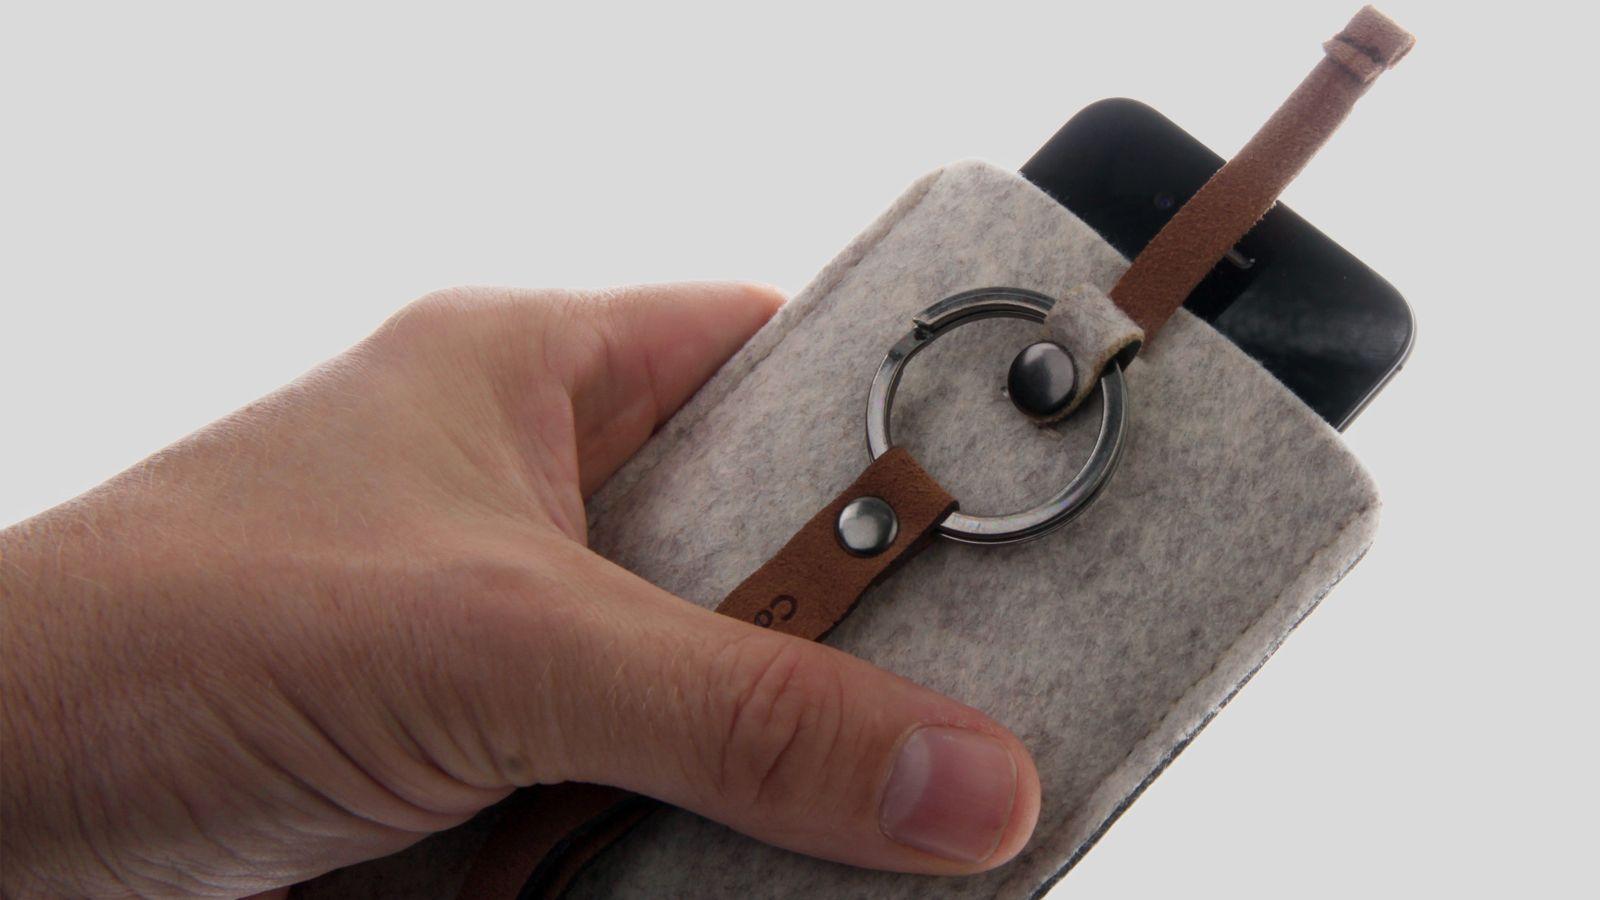 Cooler Master Dorset Pouch har en liten lærstropp øverst som brukes til å løfte telefonen ut av etuiet.Foto: Kurt Lekanger, Amobil.no